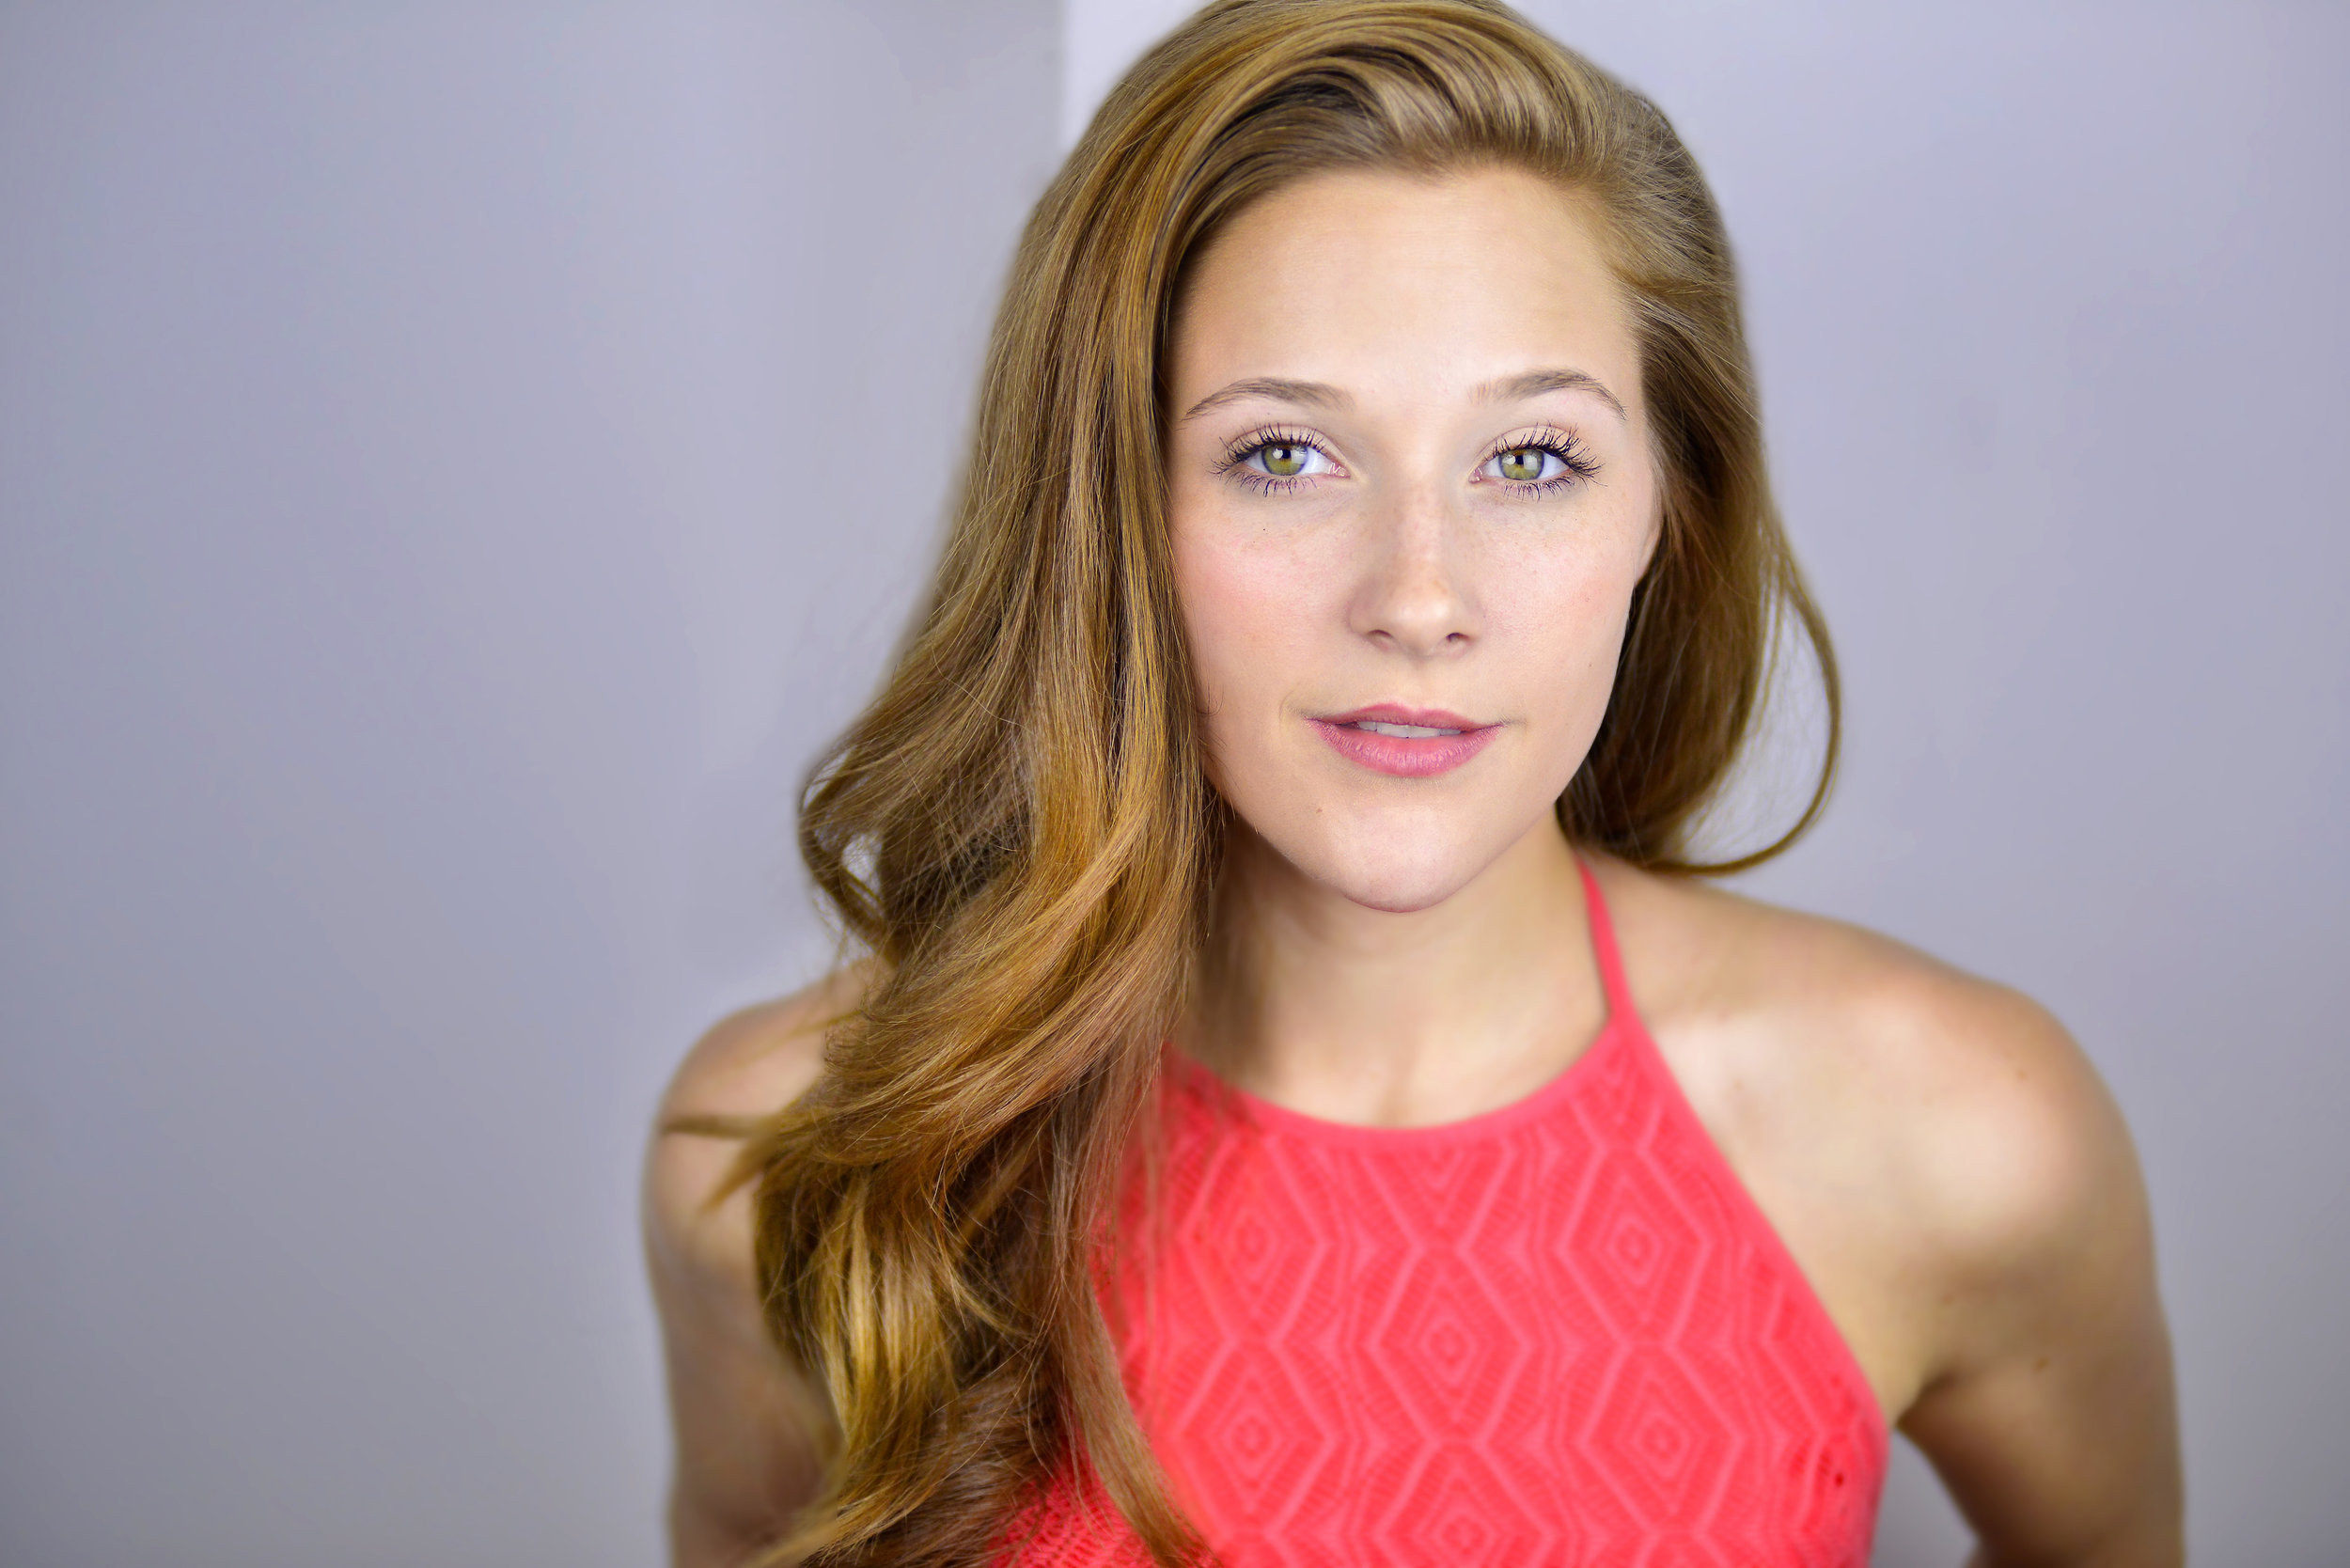 Lindsey Mader